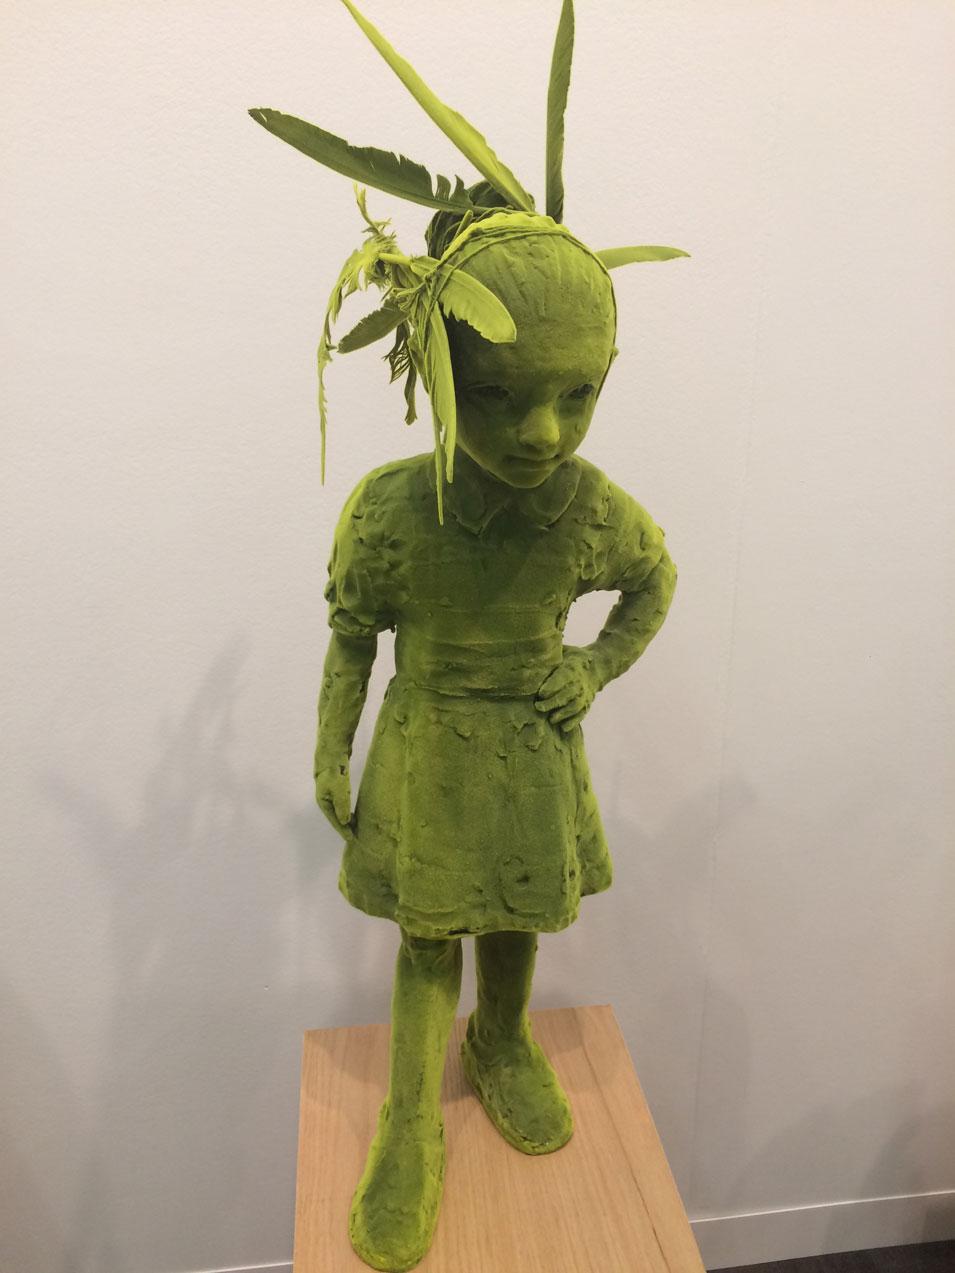 Kim Simonsson,  Mossgirl , 2017, Ceramic, feather, nylon fibers, Galerie Forsblom, Helsinki, Finland